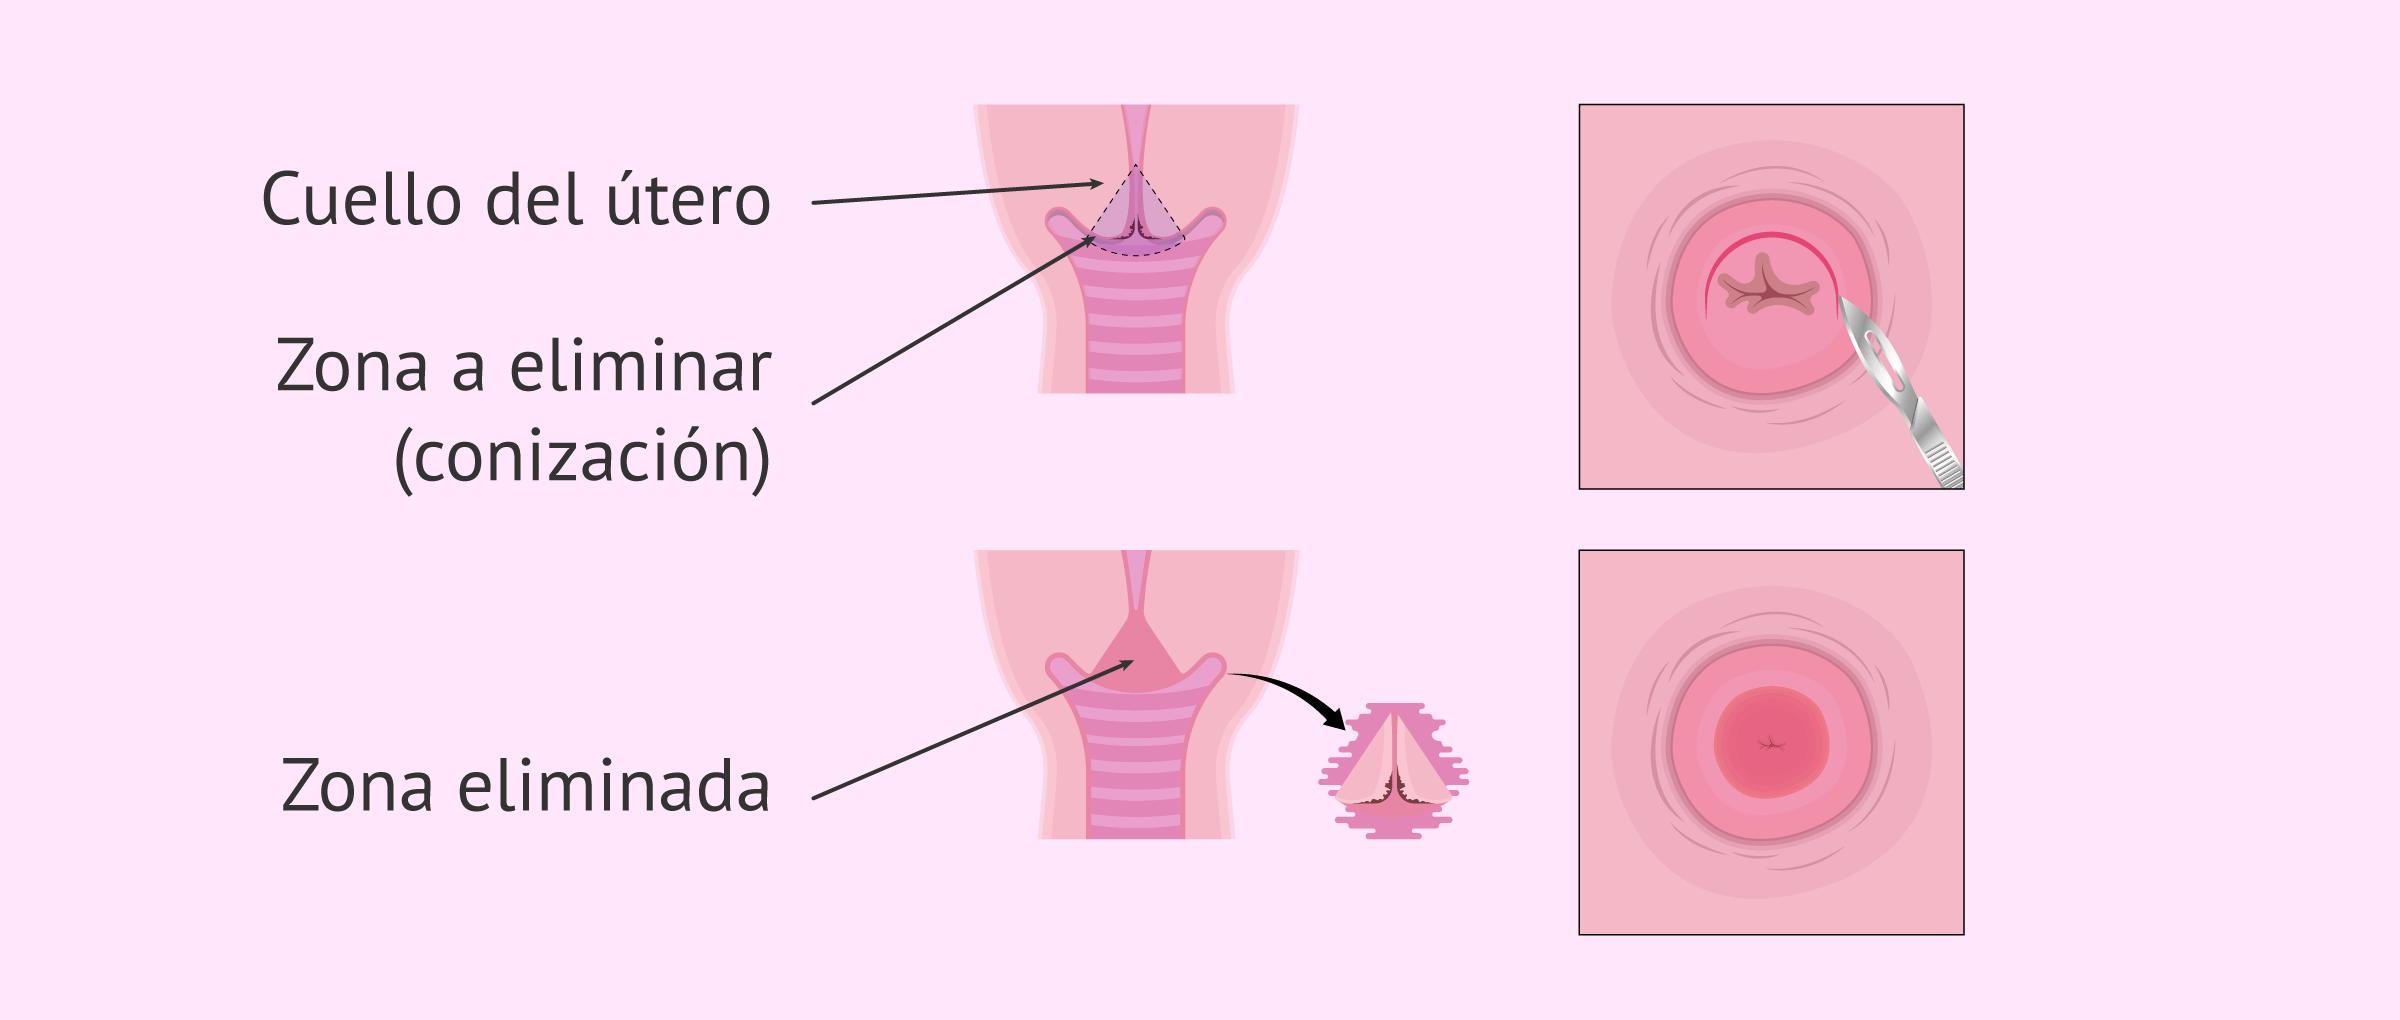 conizacion del cuello de utero